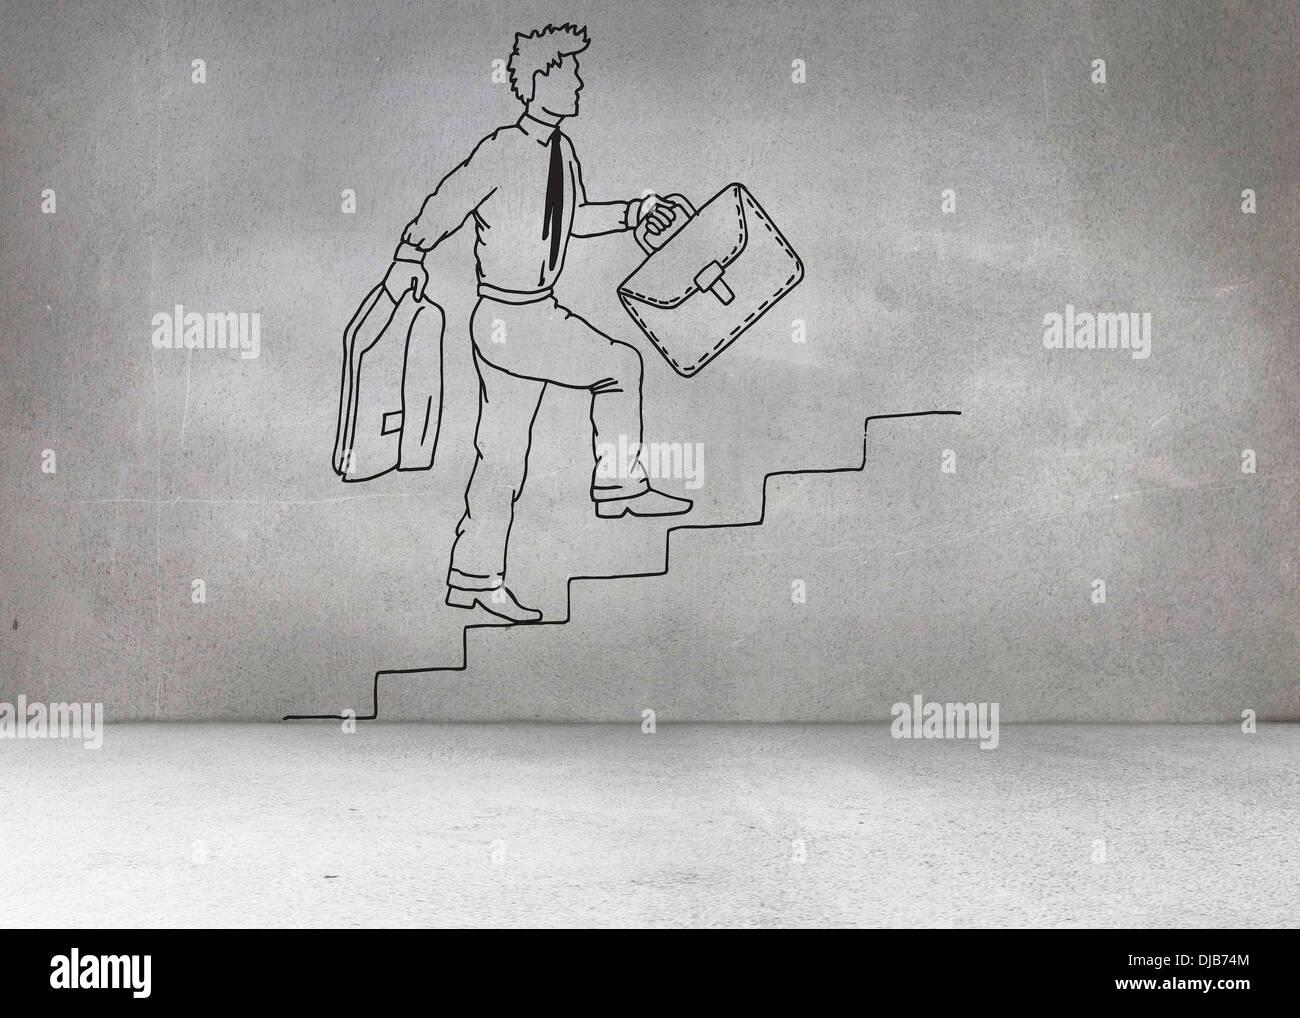 Mit krücken treppensteigen Treppen laufen